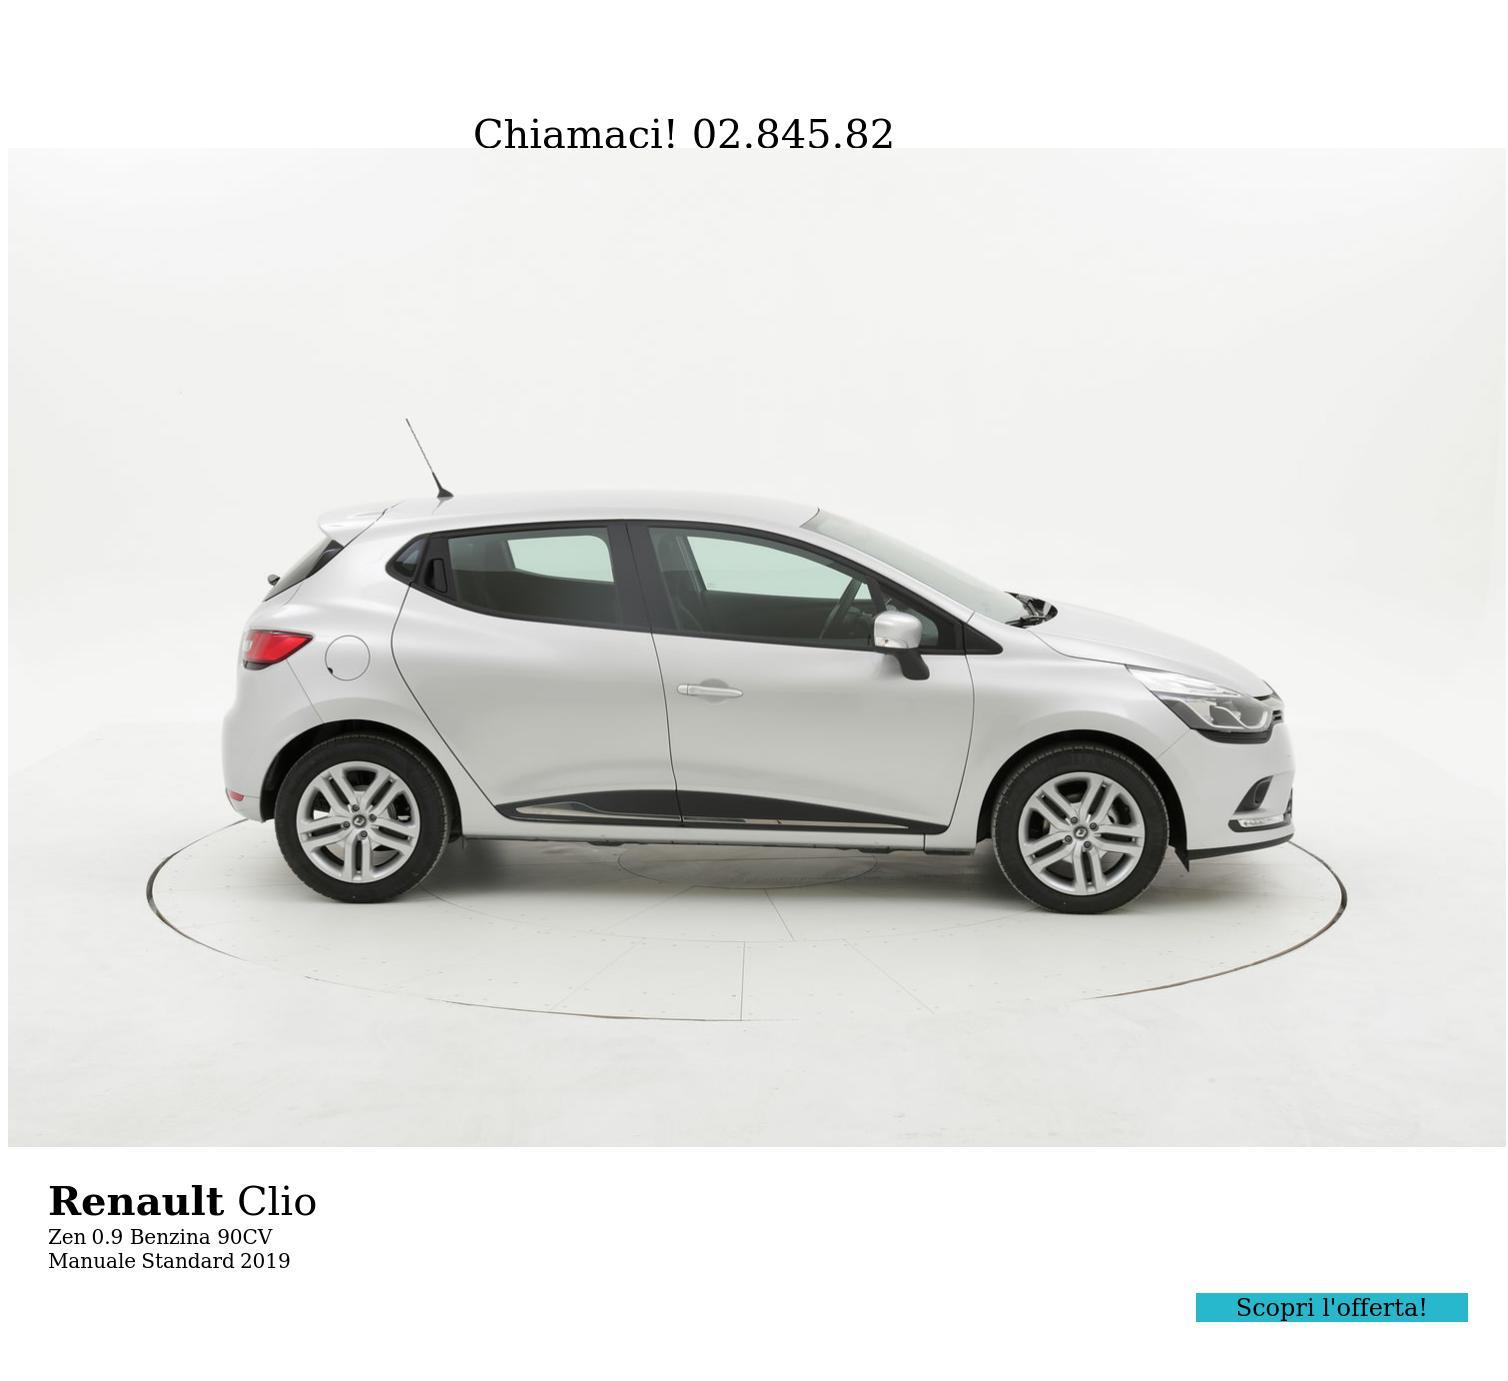 Renault Clio Zen km 0 benzina grigia | brumbrum